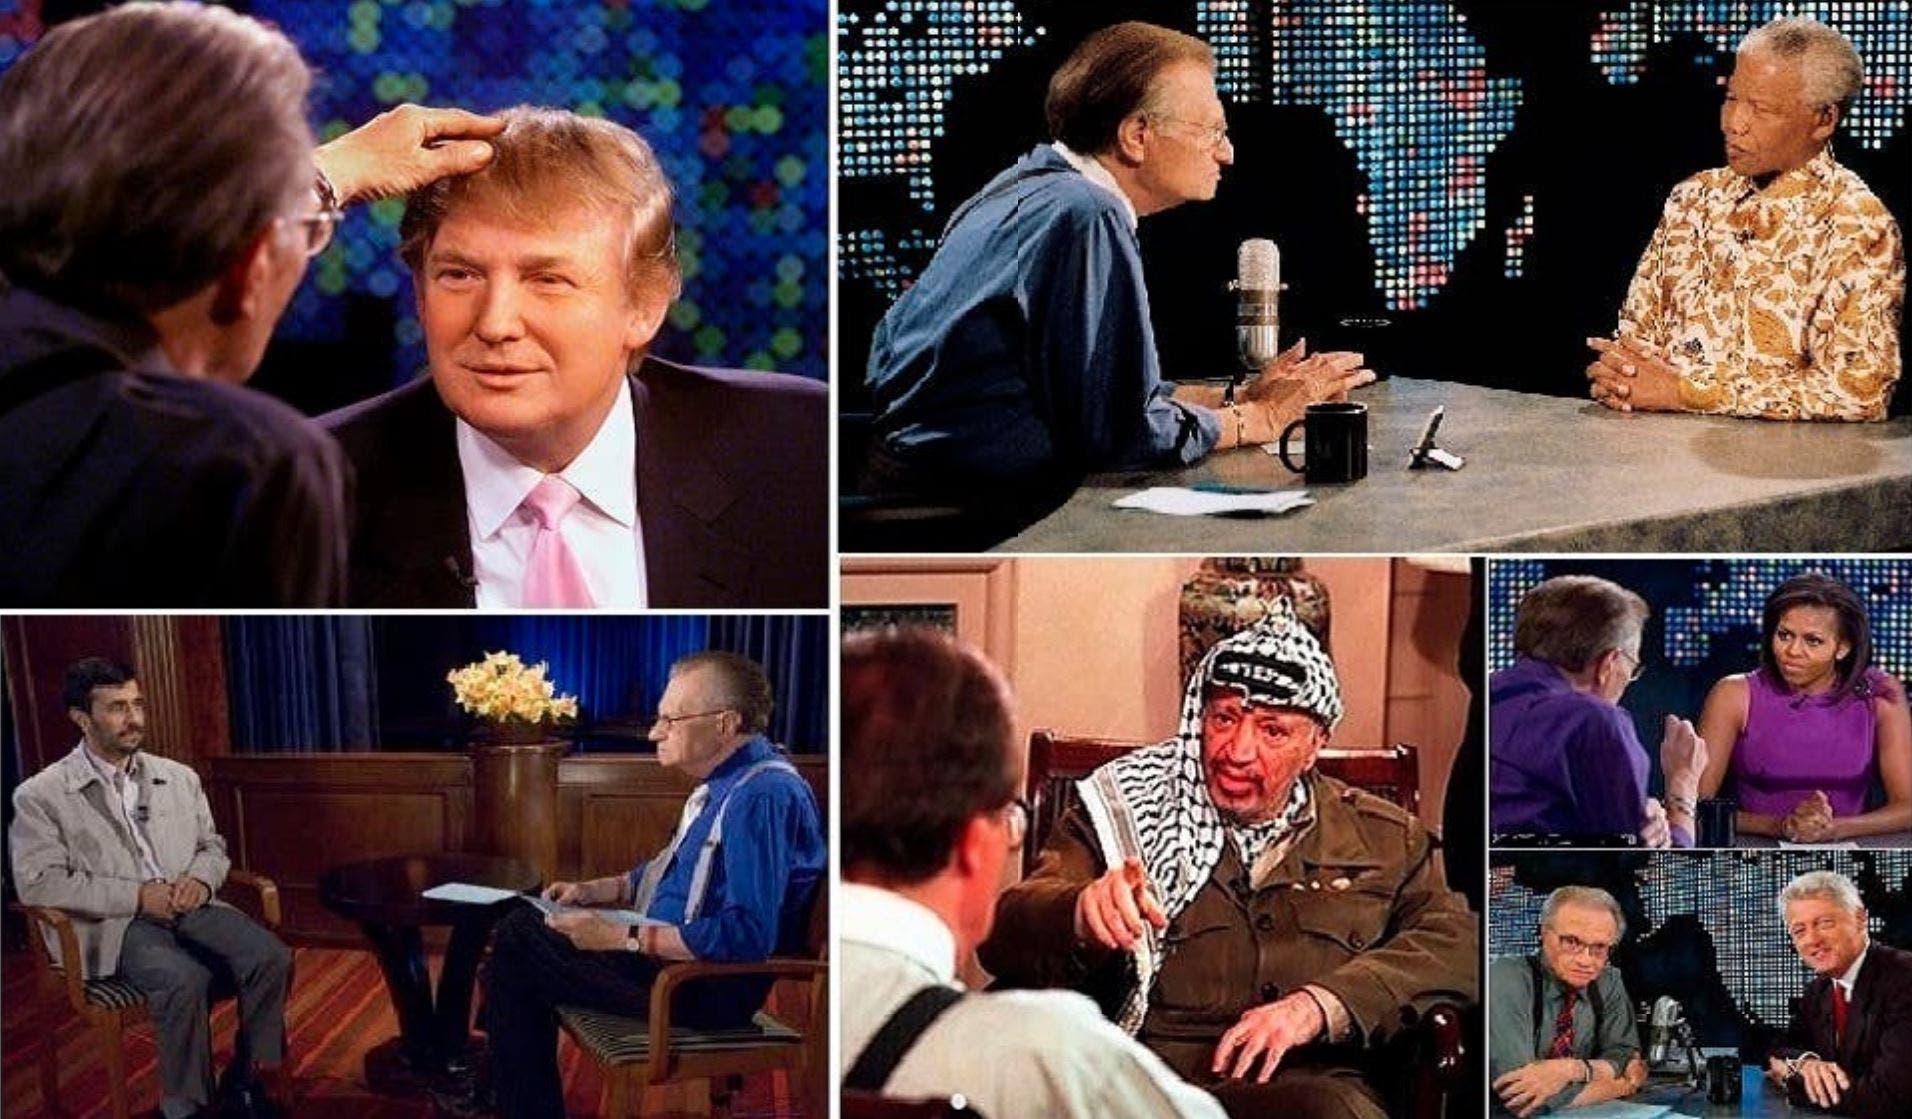 مع ترمب وميشيل أوباما والرئيس الأسبق بيل كلينتون، كما والرئيس الإيراني أحمدي نجاد إضافة للراحلين نيلسون مانديلا وياسر عرفات ومعمر القذافي